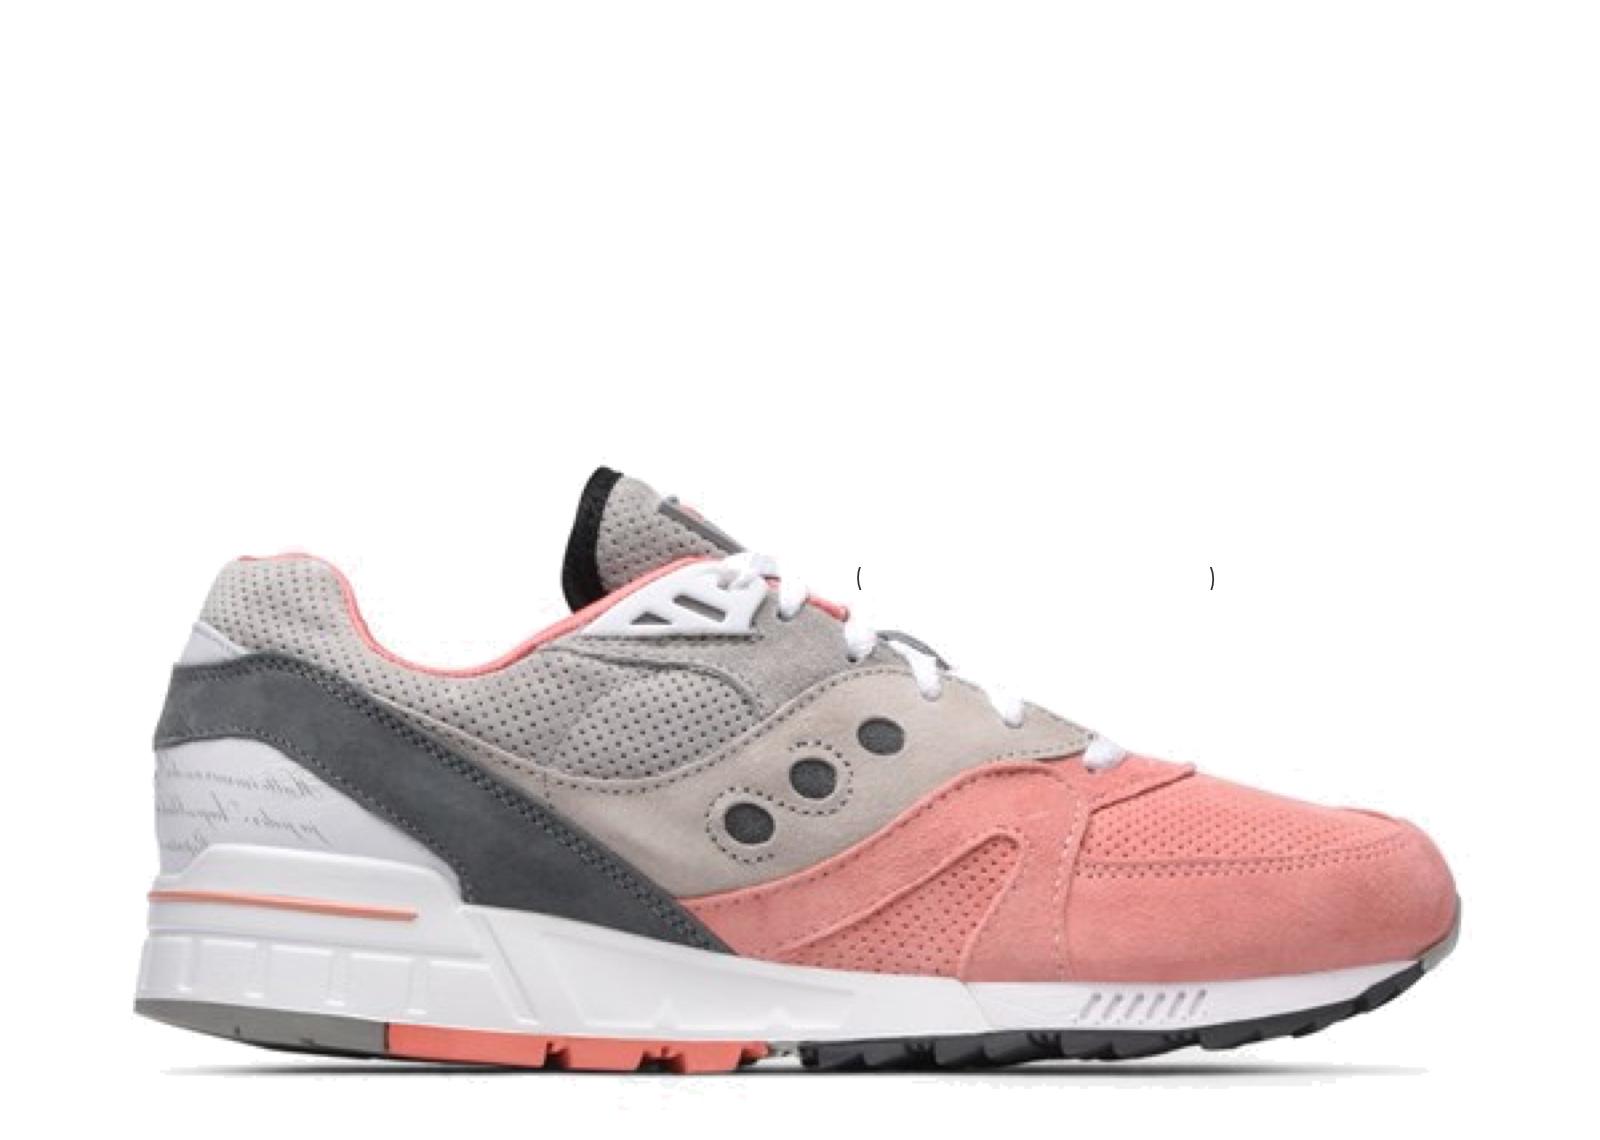 on sale 4e783 e6495 Kick Avenue - Authentic Sneakers